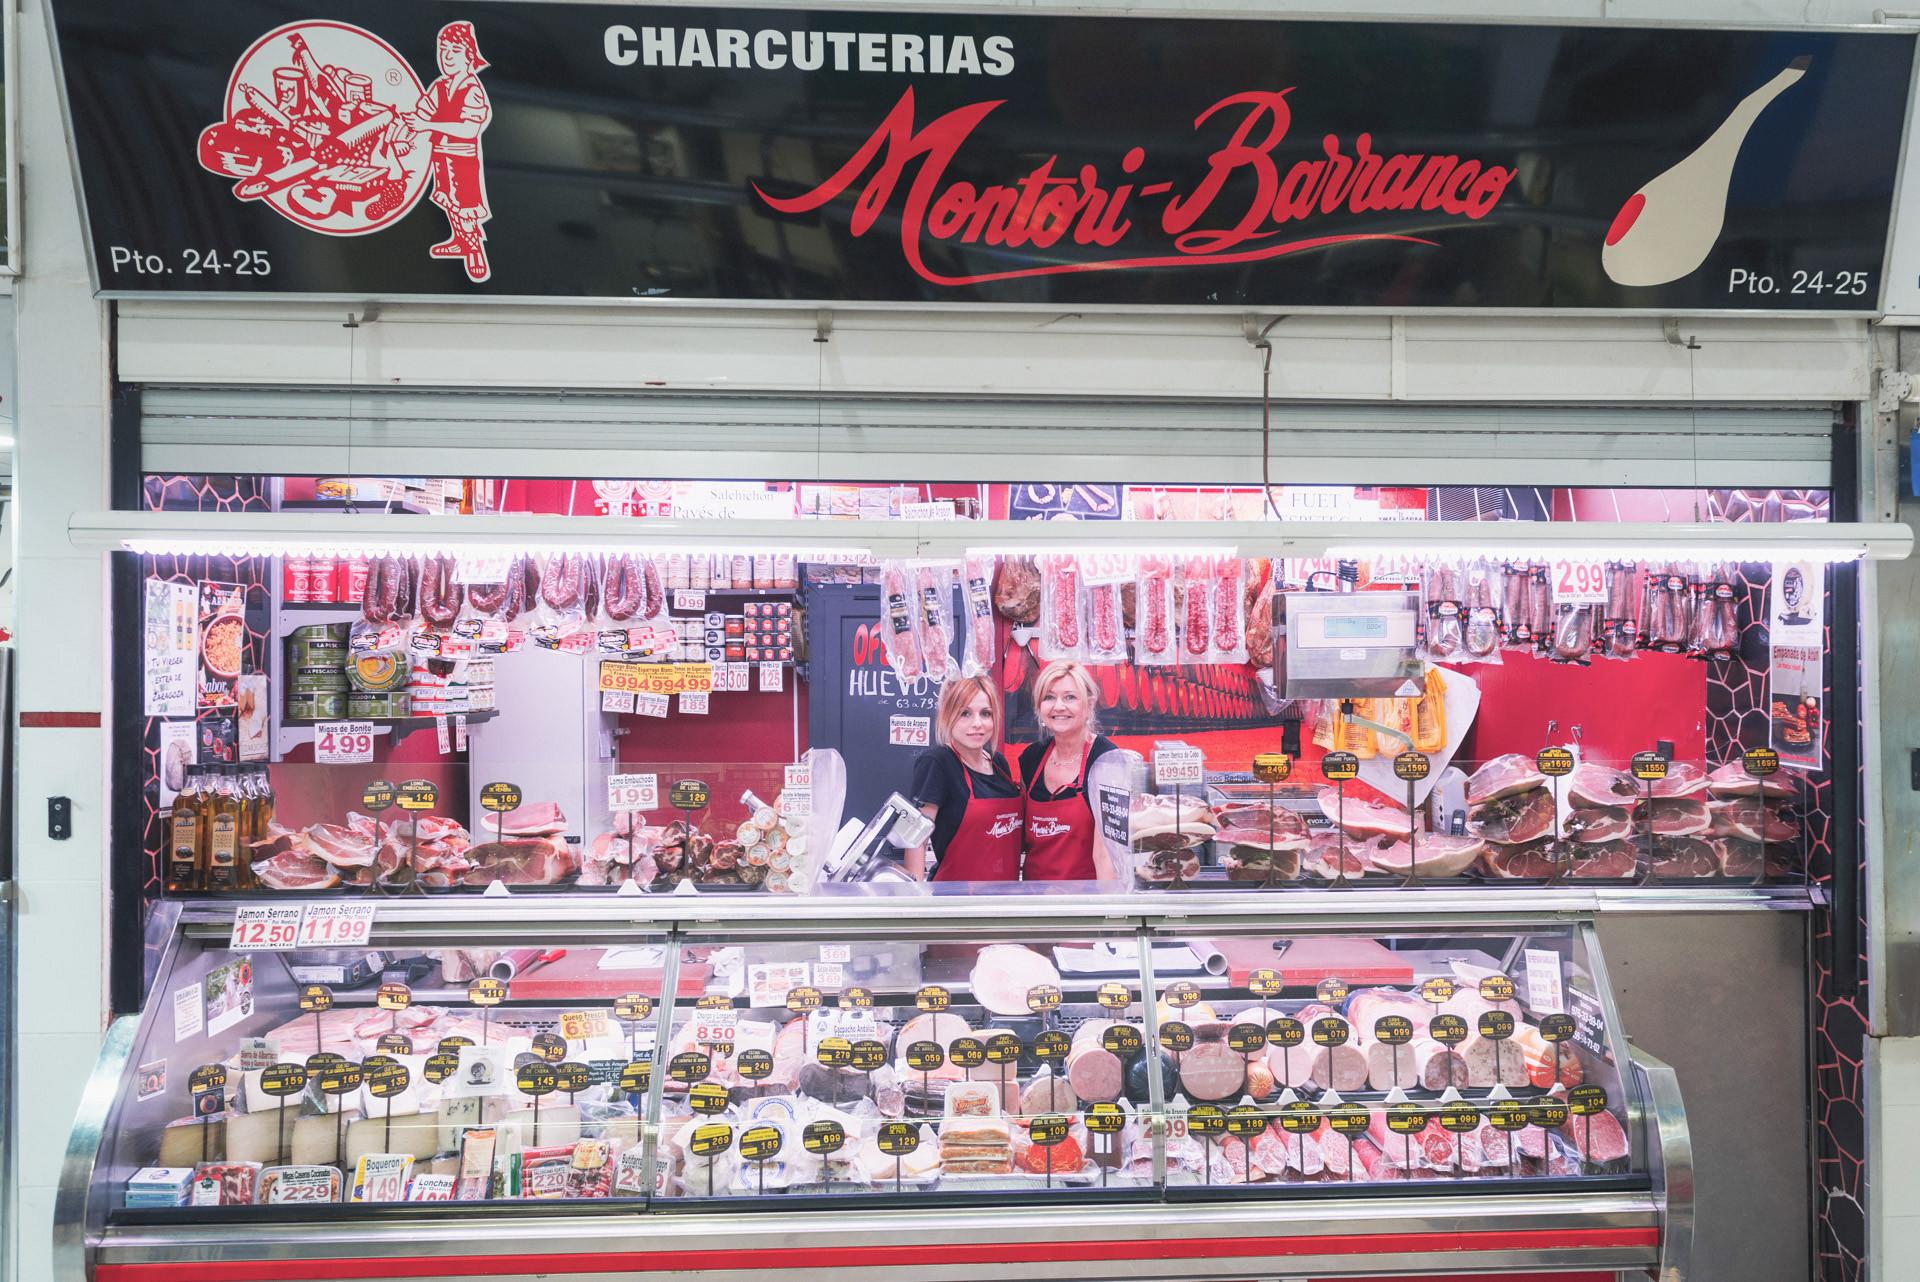 CHARCUTERÍAS MONTORI-BARRANCO